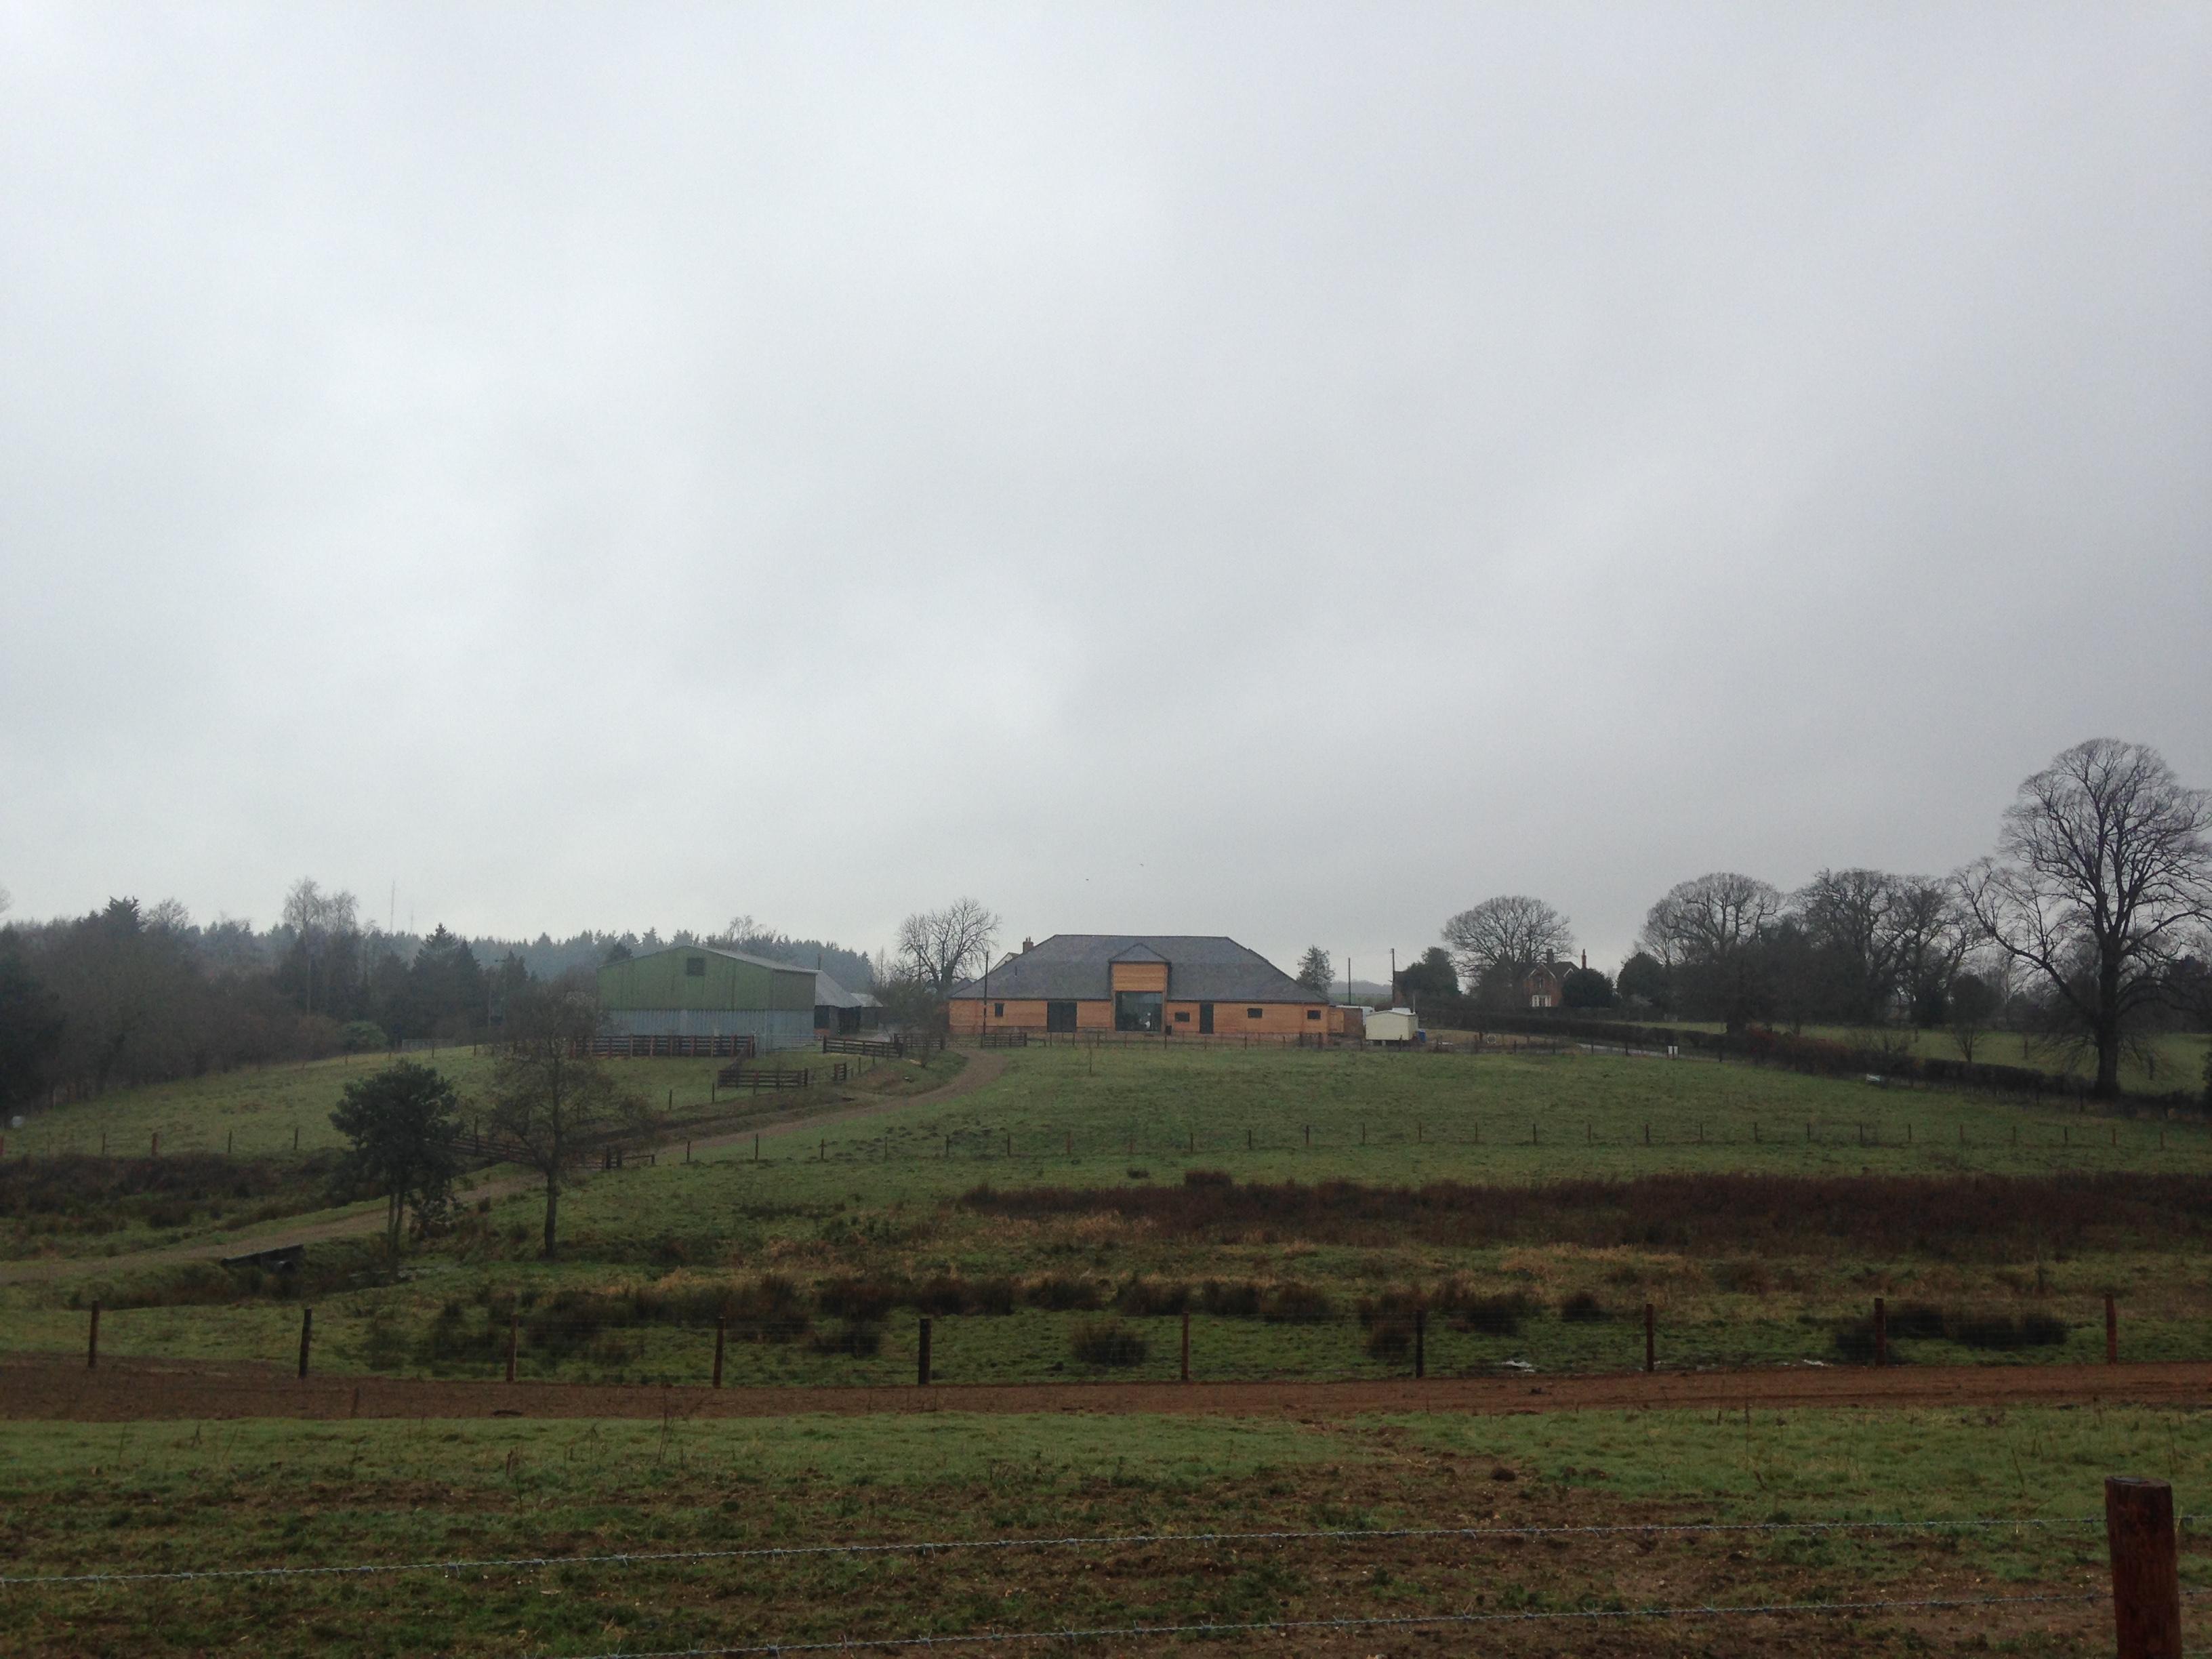 barn in a field